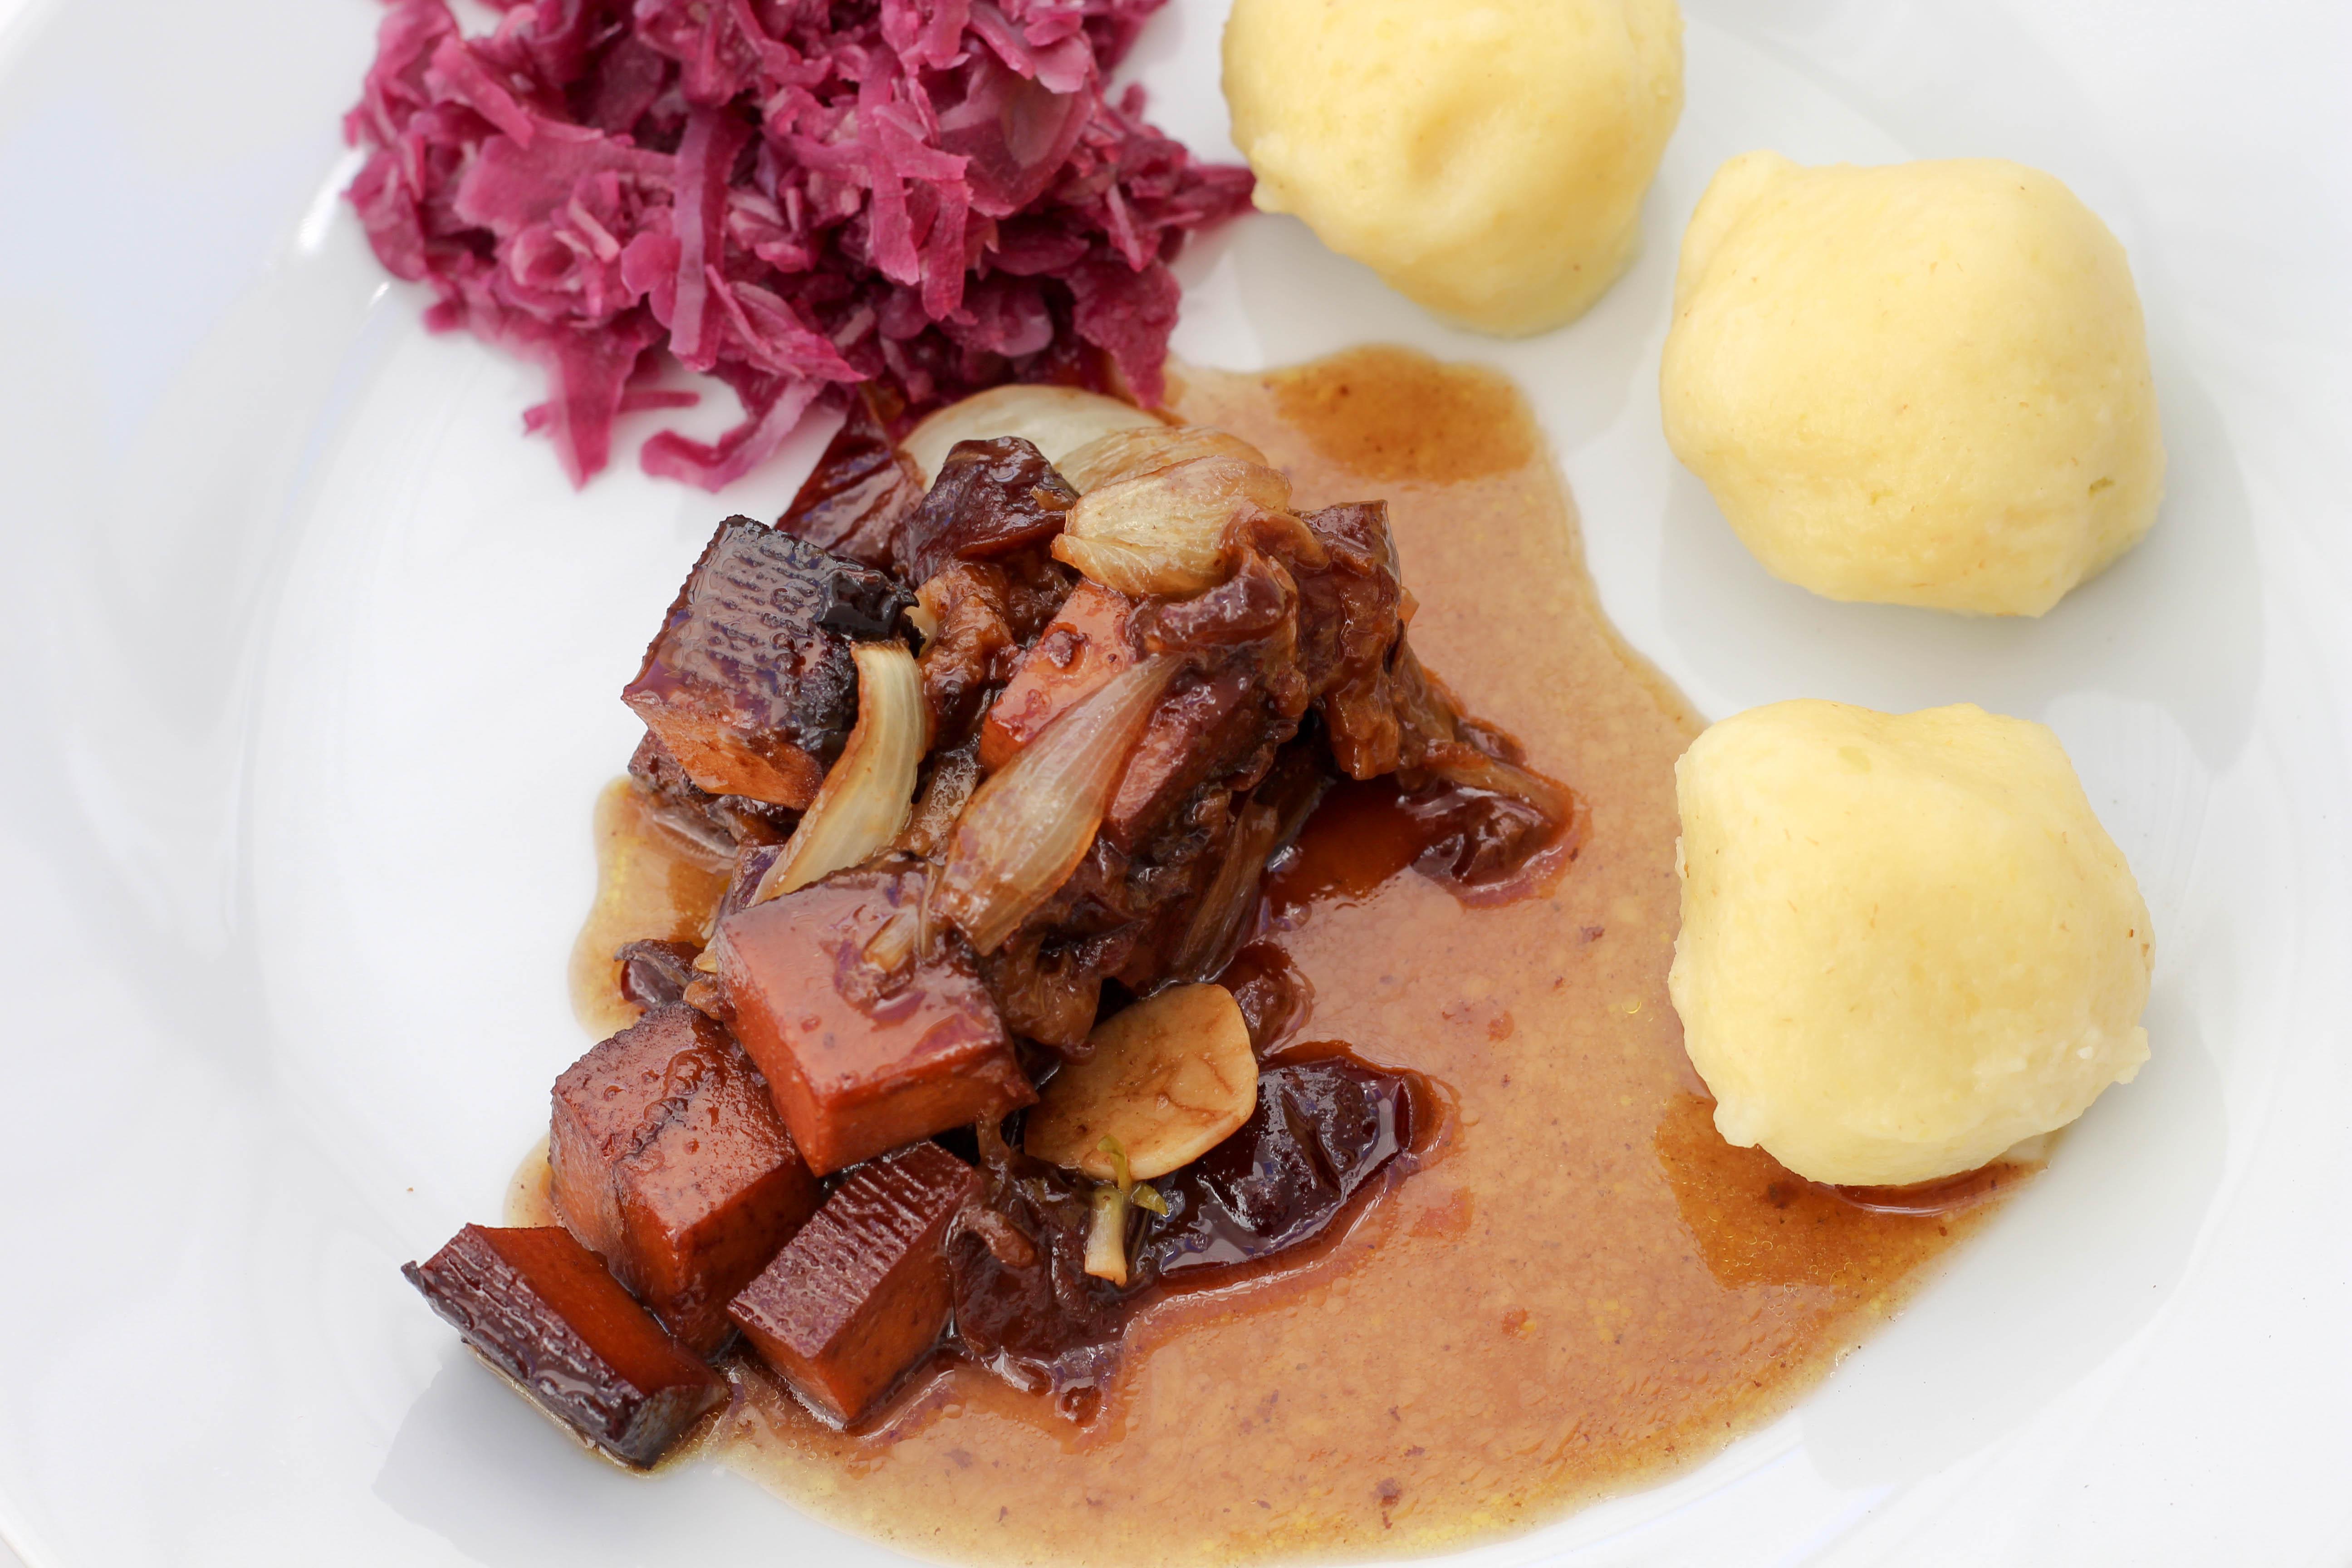 vegan-toforagout-pflaumen-weihnachten-advent-kartoffelknoedel-rotkraut-soulfood-homespa-plantbased-1-von-1-6